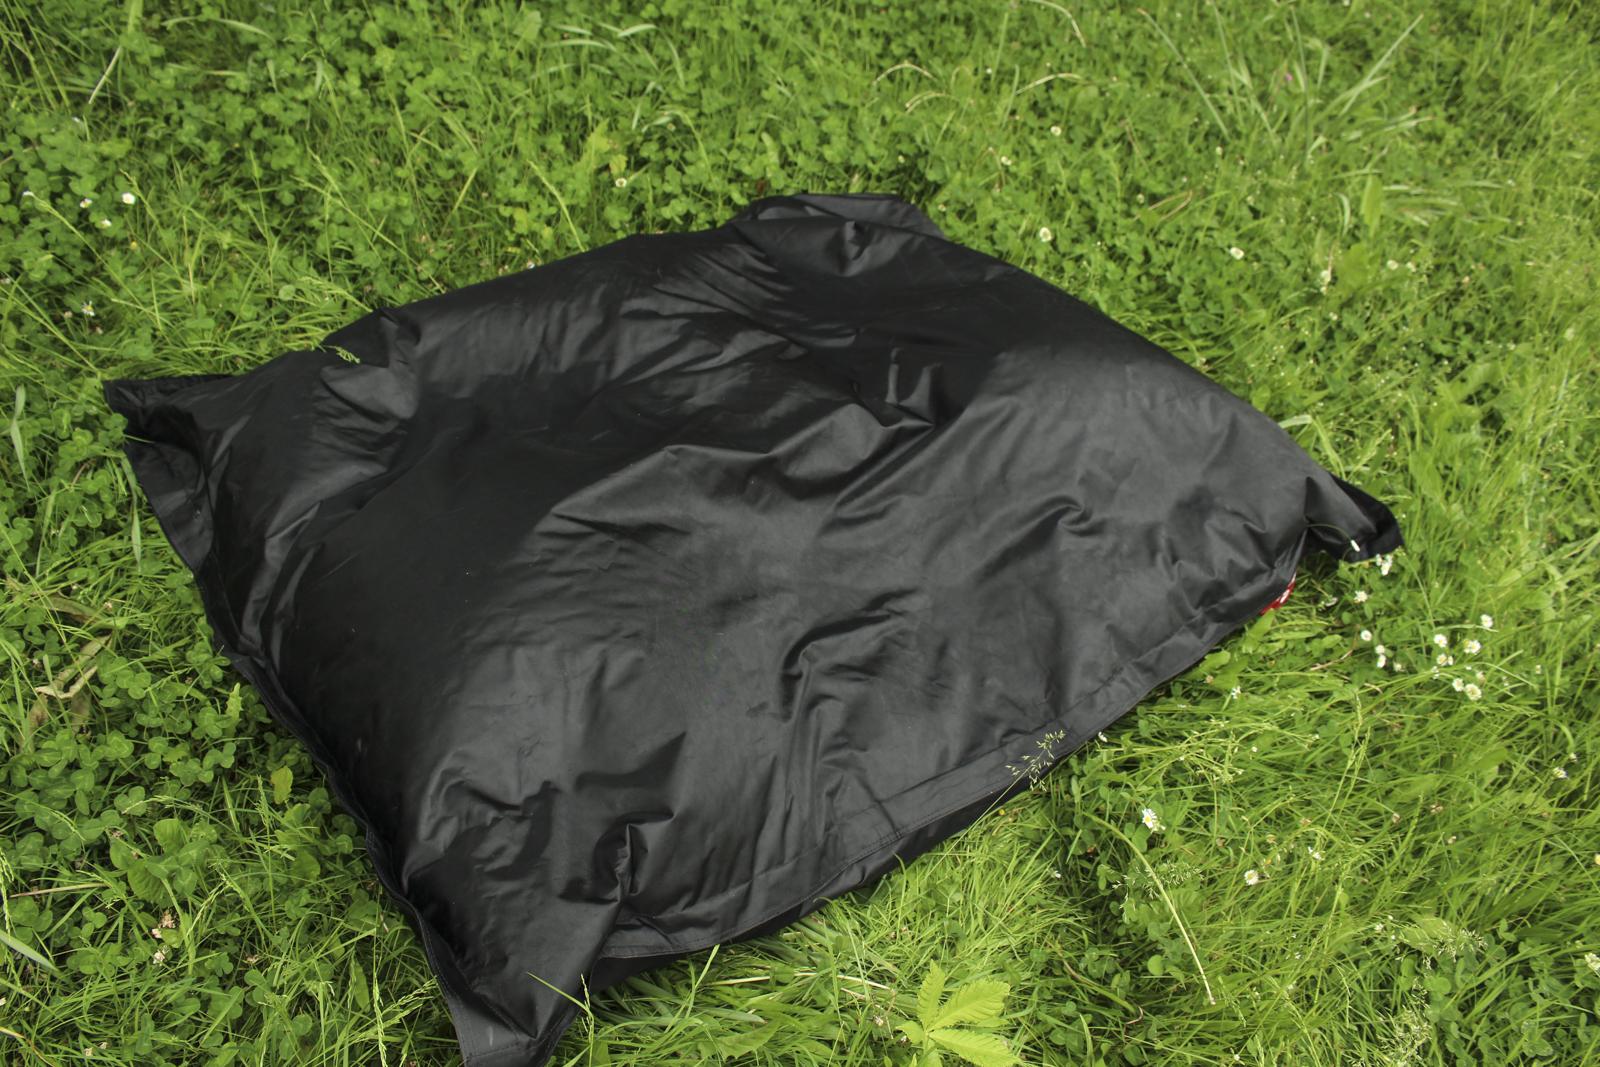 qsack sitzsack xxl outdoor sitzsack 140x180 schwarz outdoorer sessel unbenutzt ebay. Black Bedroom Furniture Sets. Home Design Ideas